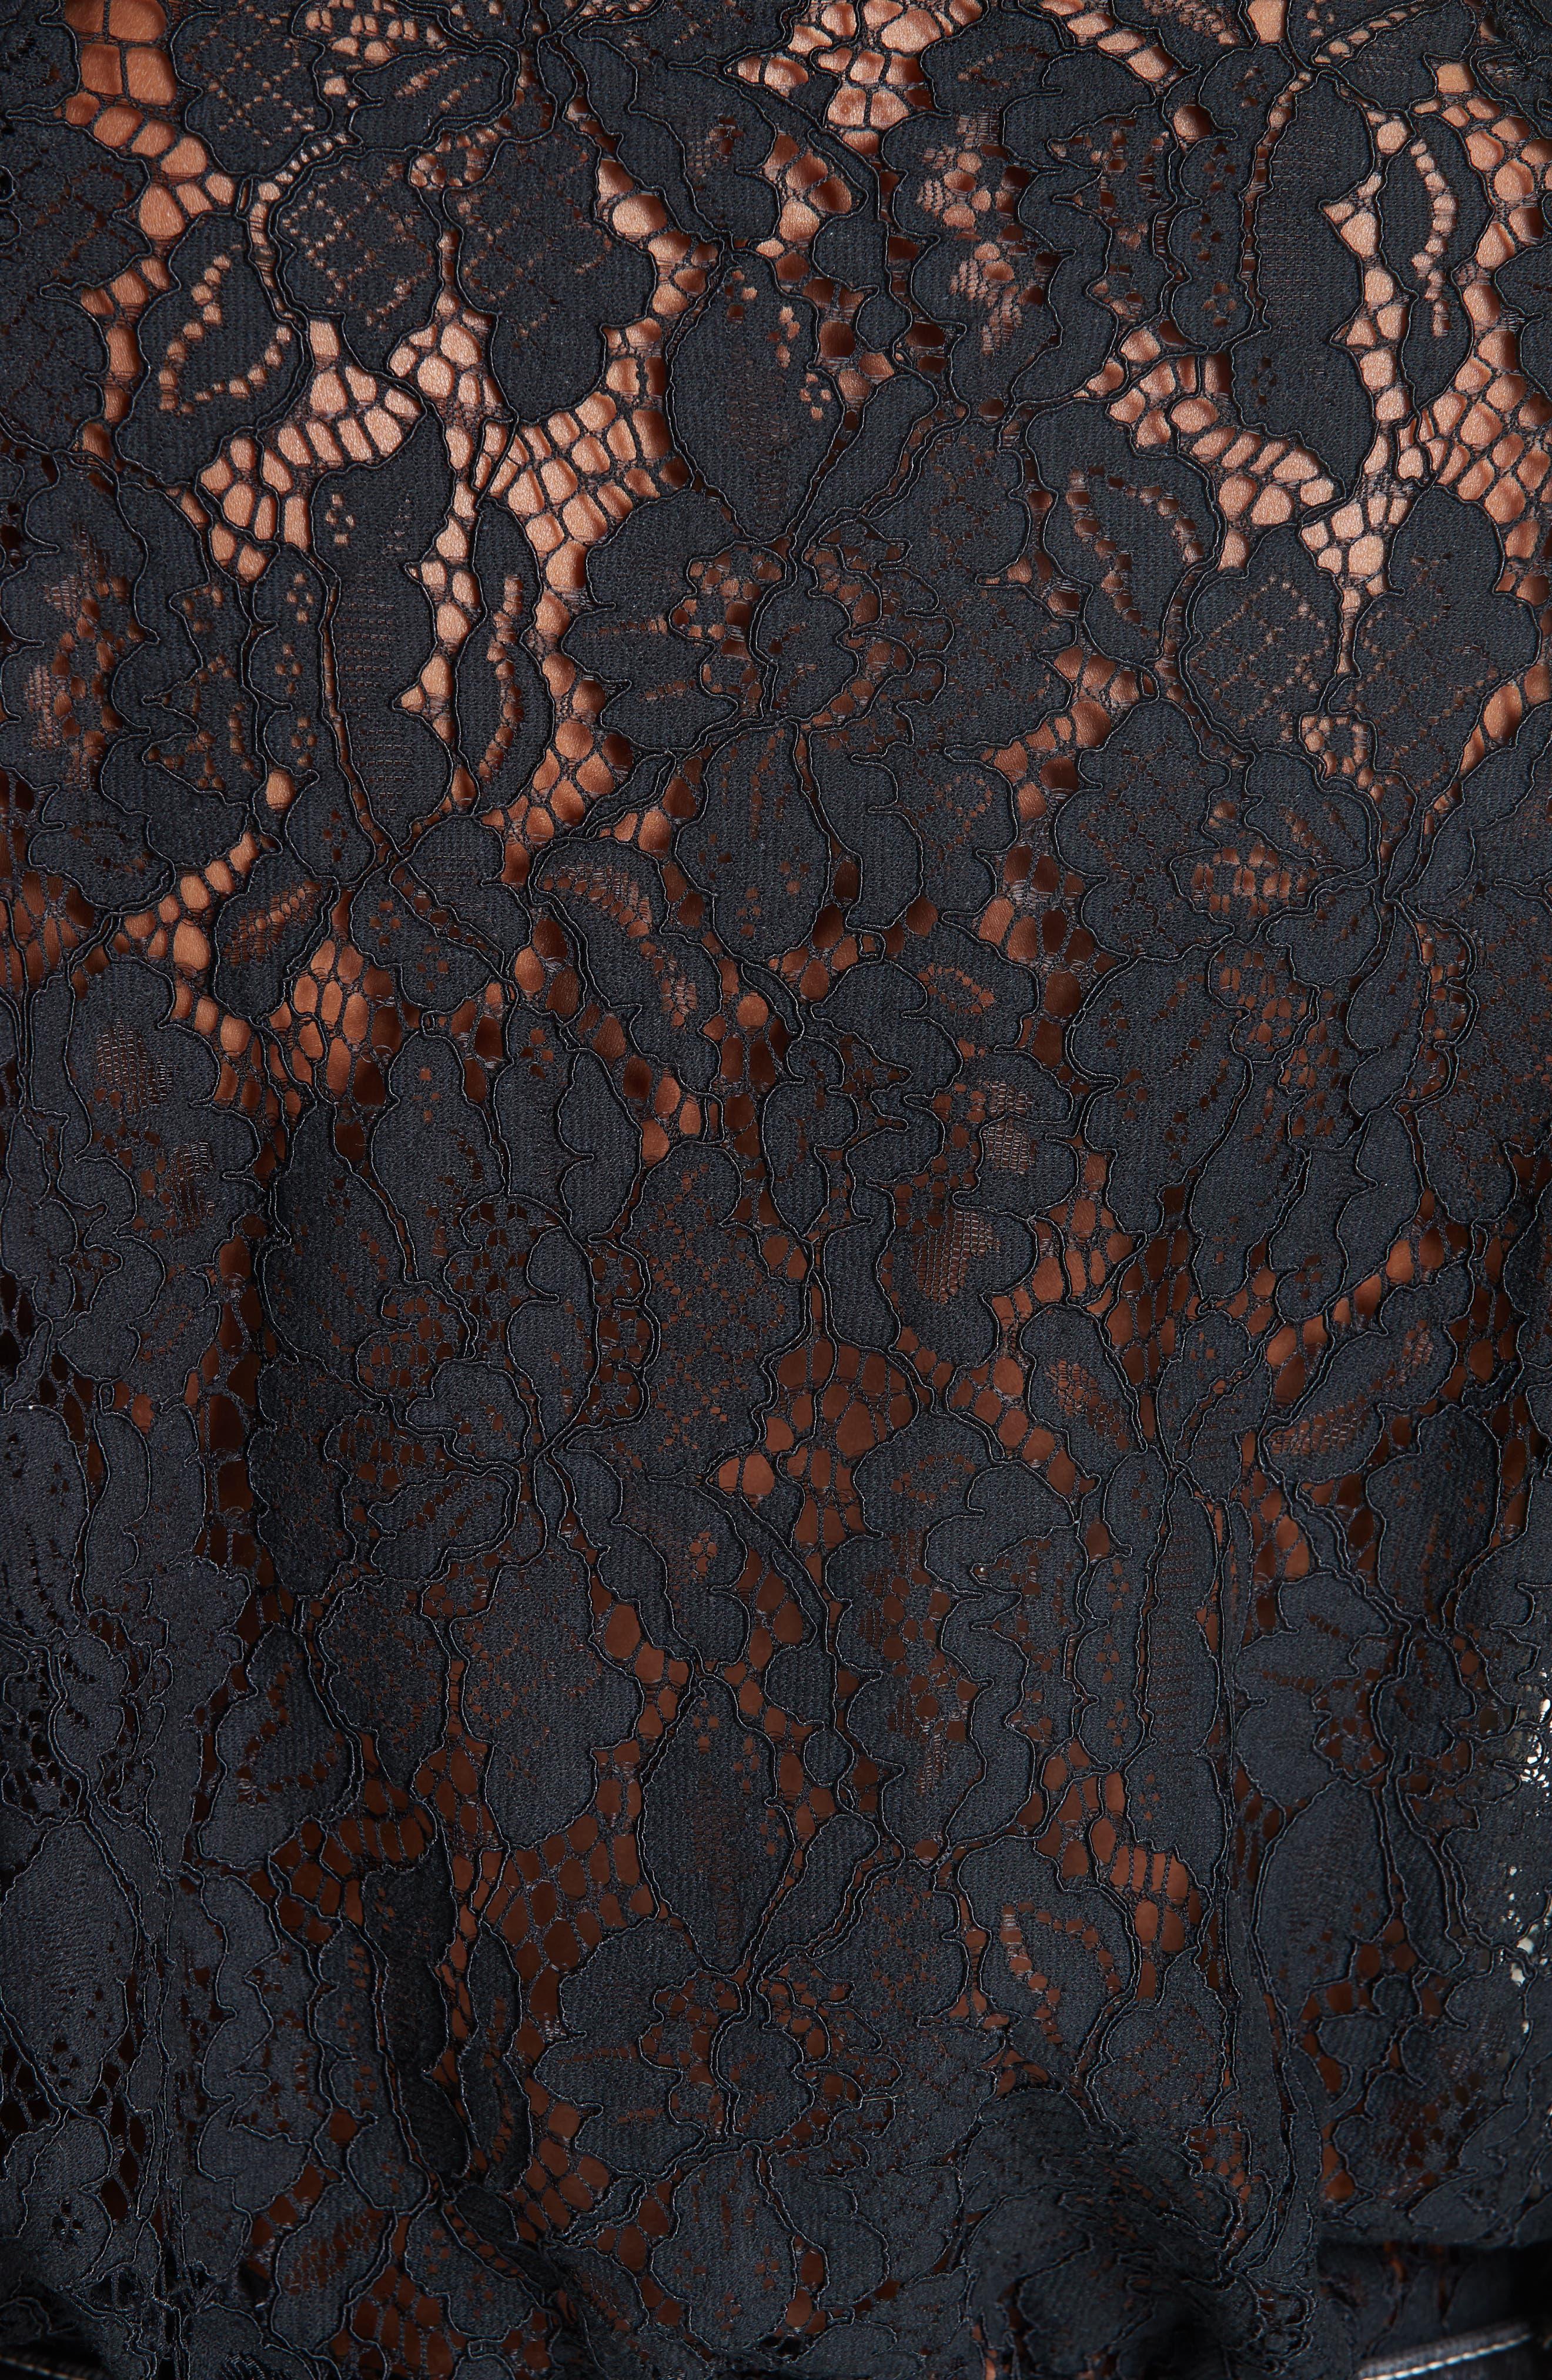 Cotton Blend Lace Top,                             Alternate thumbnail 5, color,                             BLACK 099